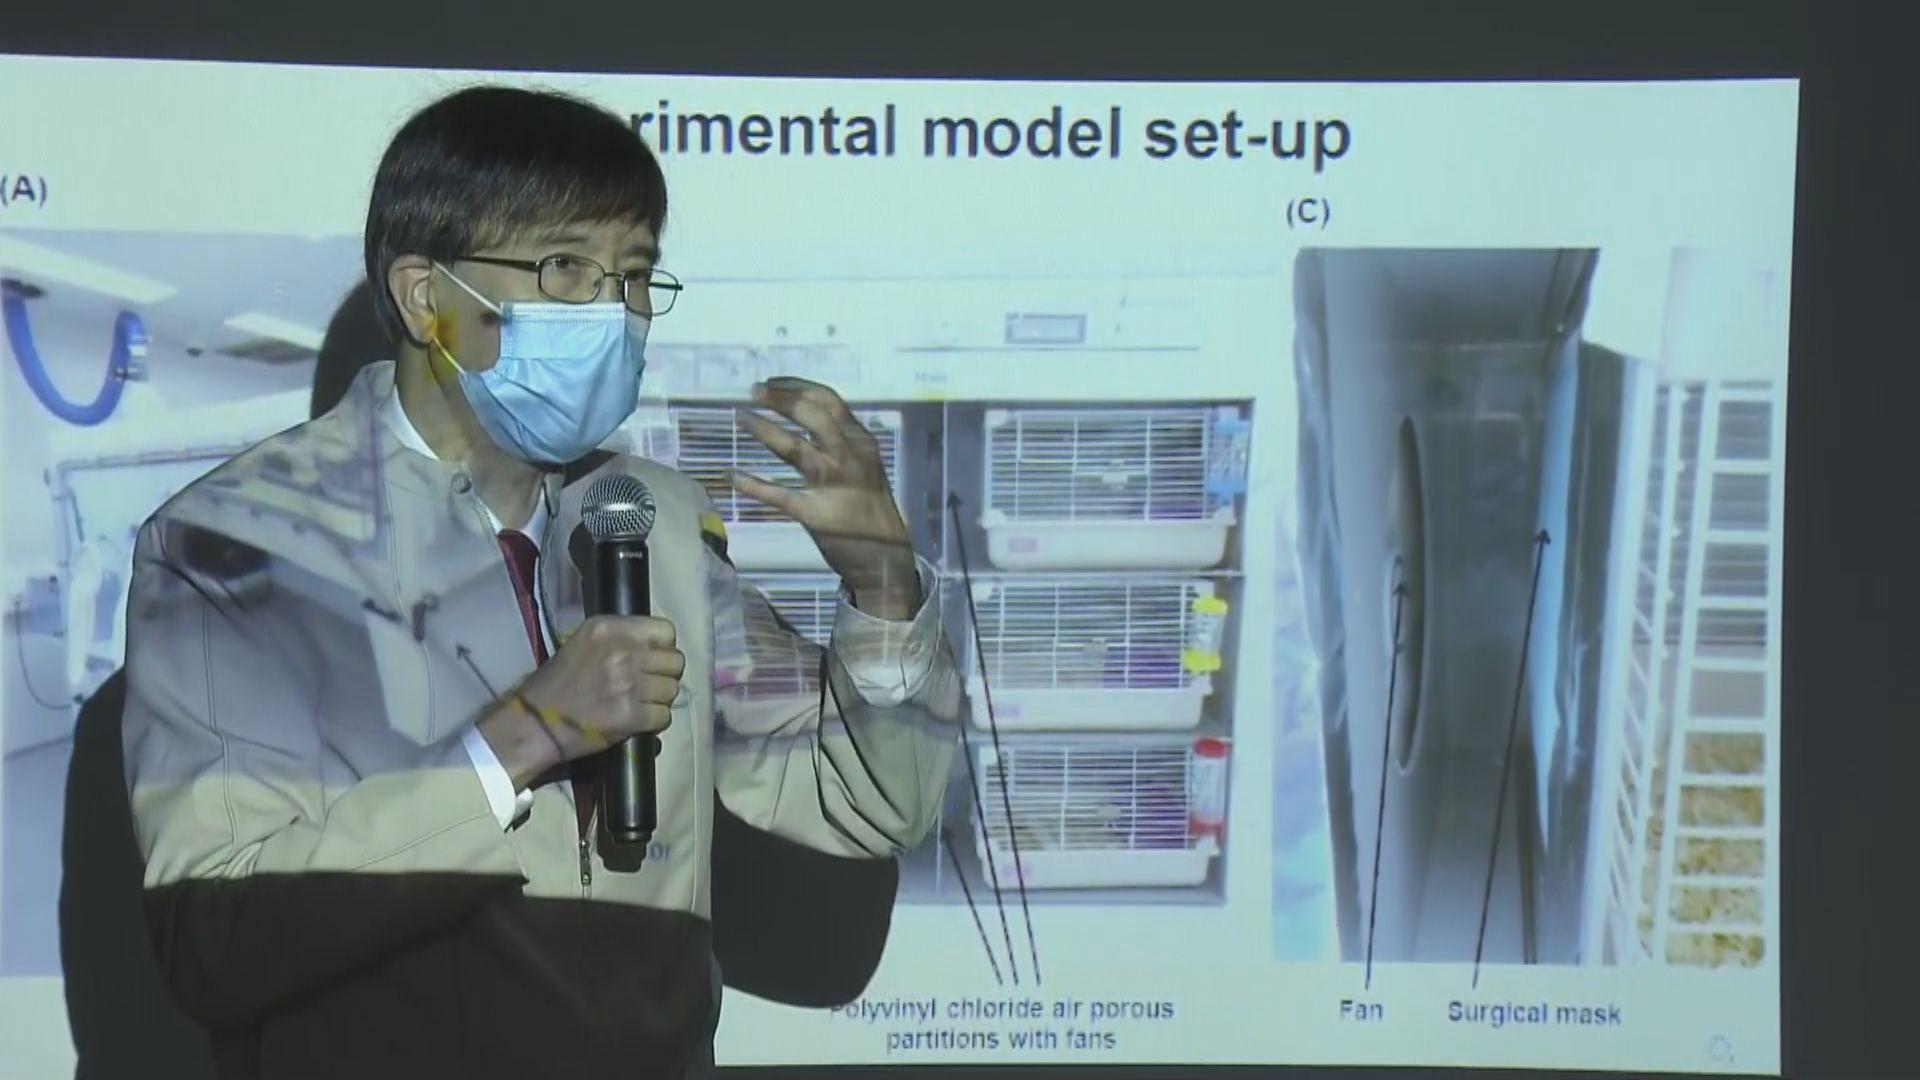 袁國勇:戴口罩後即使受感染 病毒數量都較低